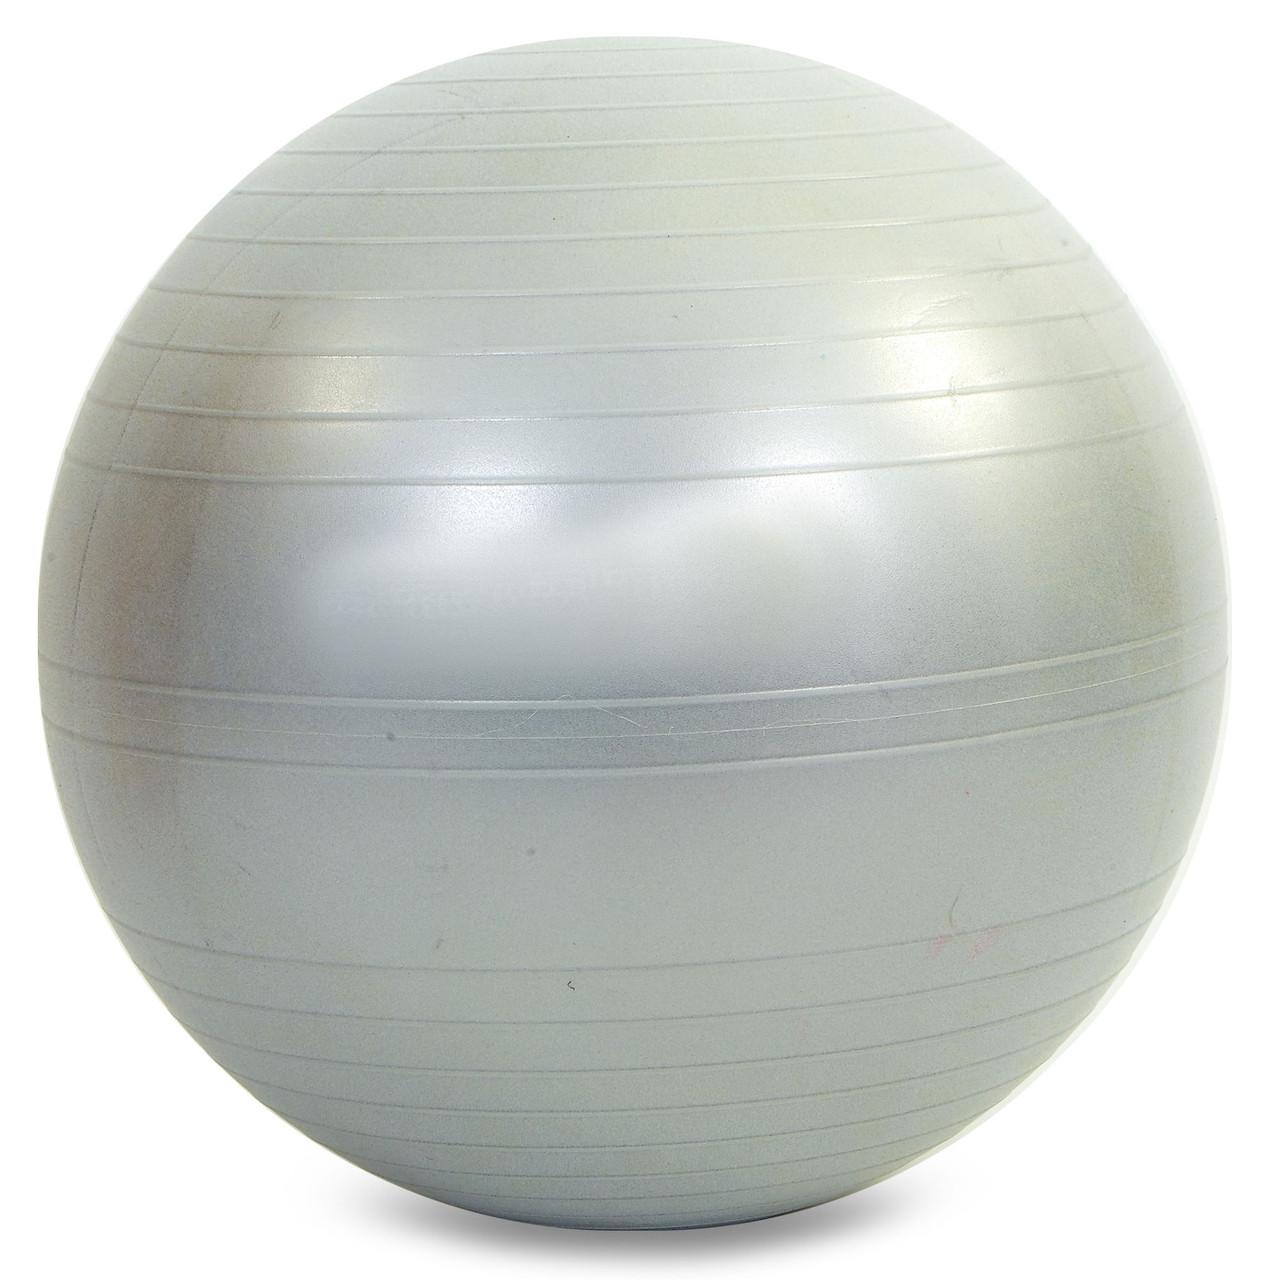 Мяч для фитнеса (фитбол) гладкий сатин 65см Zelart FI-1983-65 (Серый)